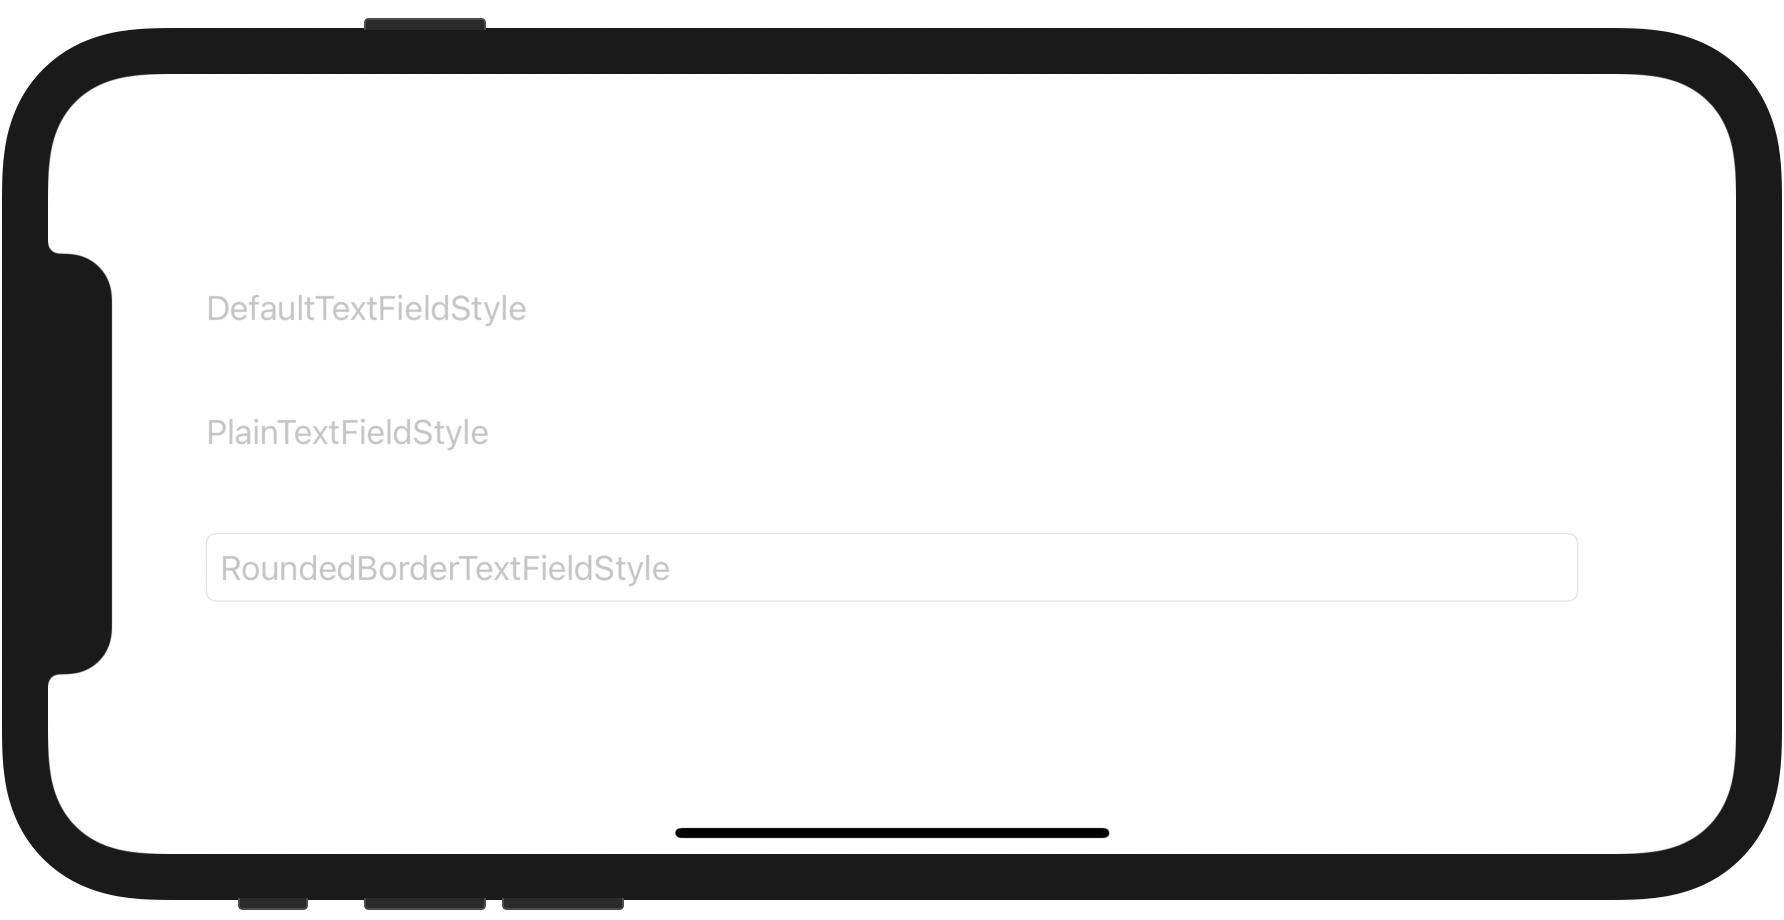 枠線を付けた TextField の例